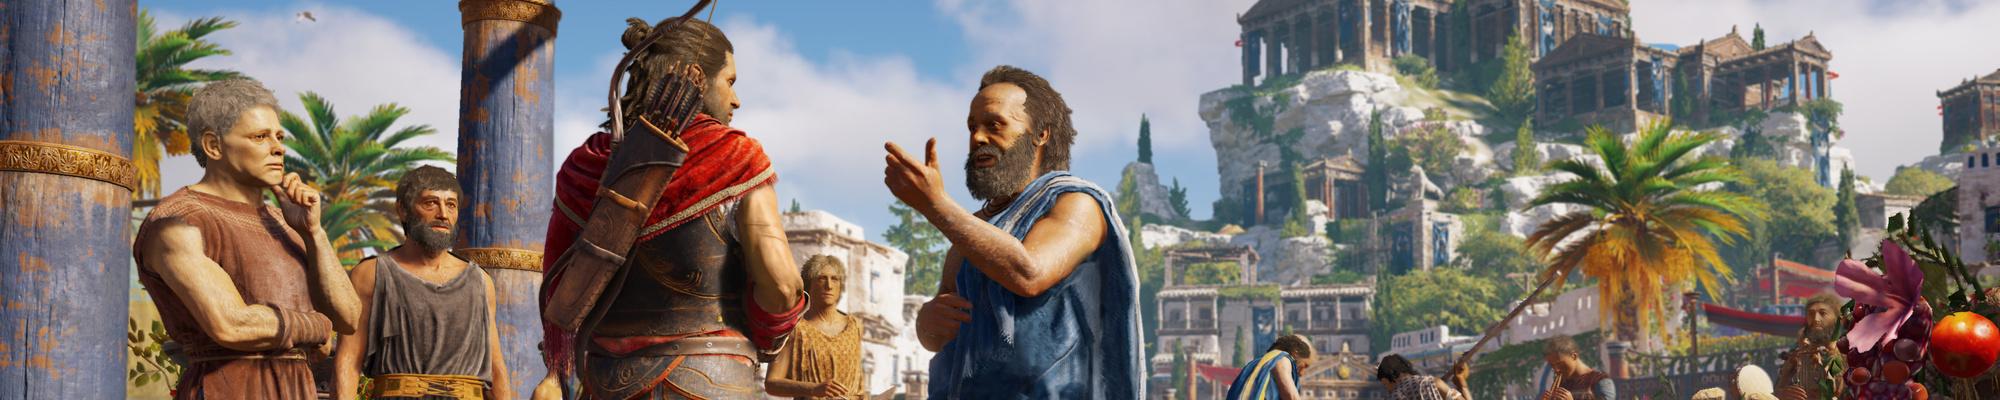 自己的日子还是要自己过,《刺客信条 奥德赛》中的古希腊也一样